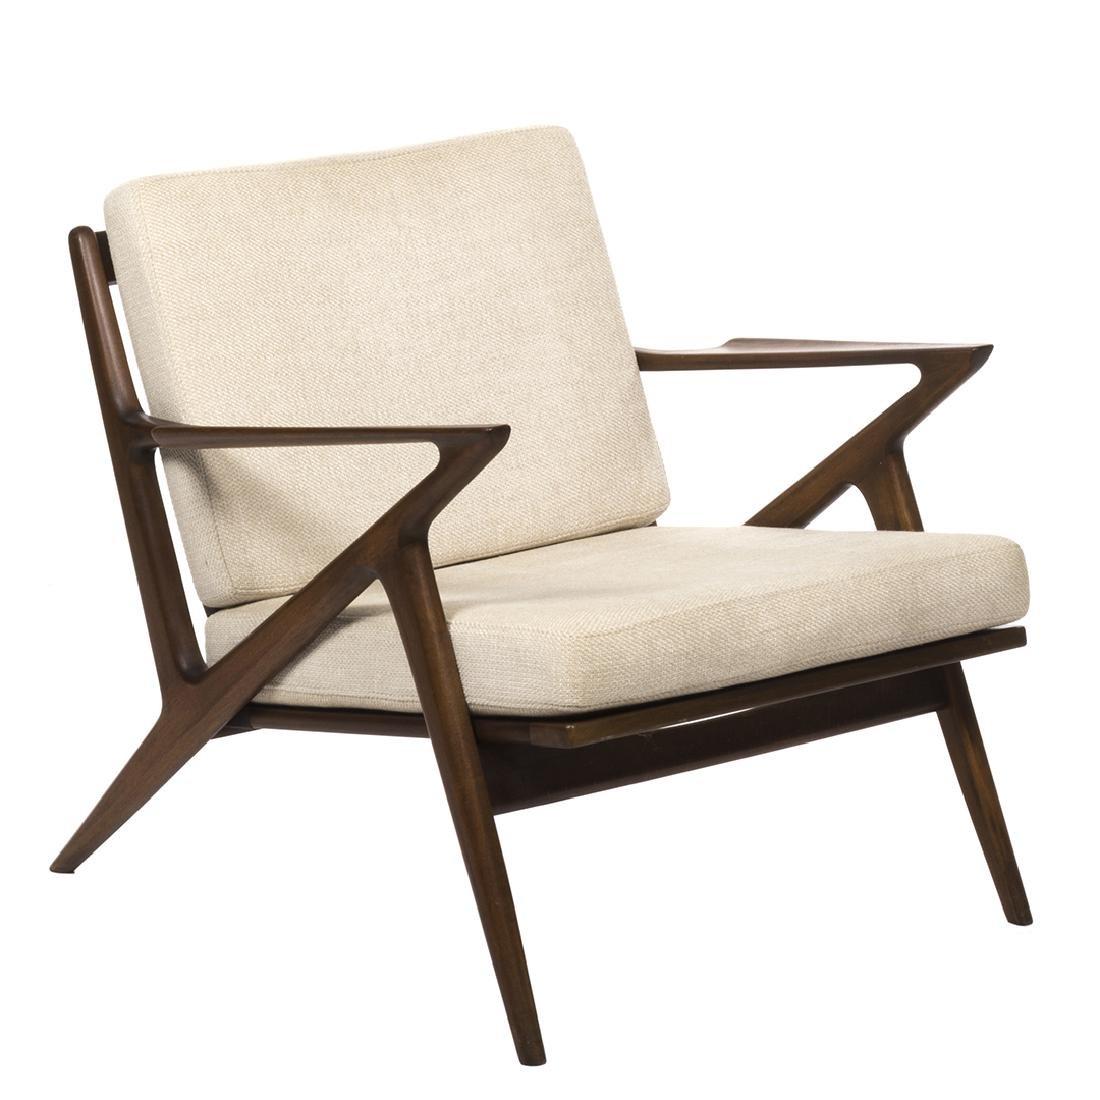 Poul Jensen Z Chair